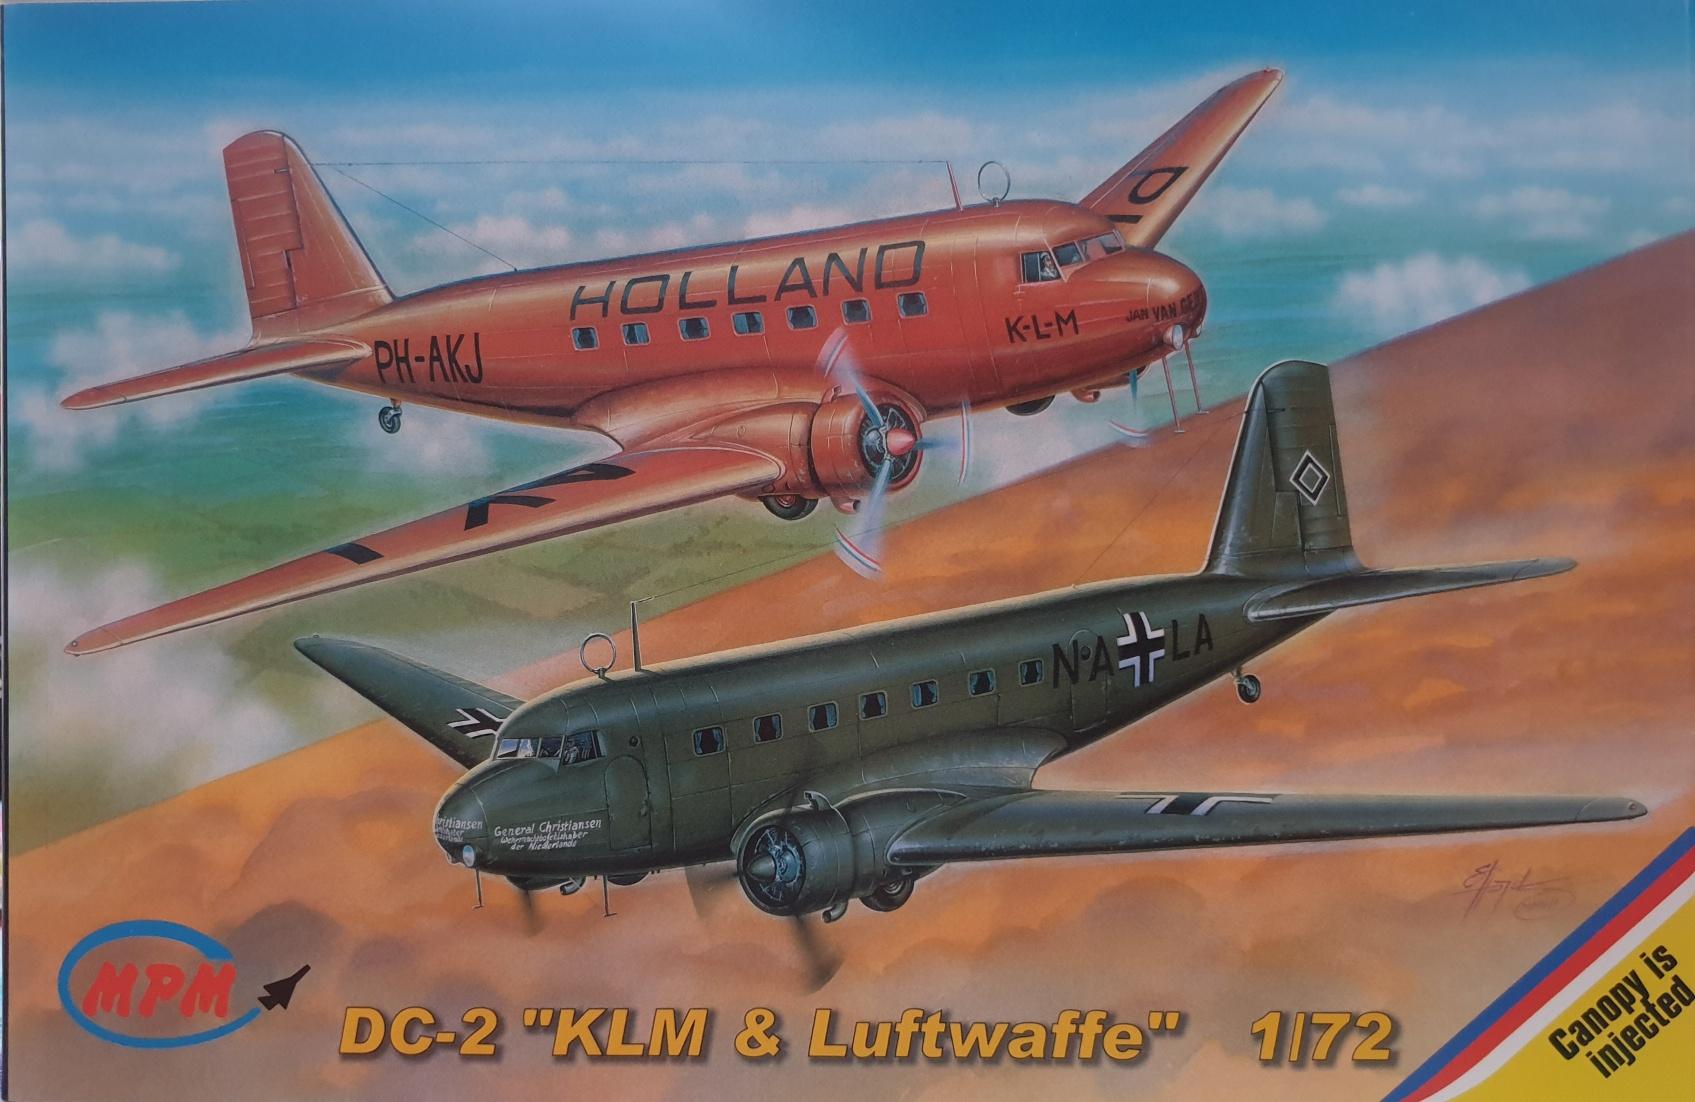 """MPM 72515 DC-2 """"KLM & Luftwaffe"""" """"Jan van Gent & Uiver"""" decal versies"""